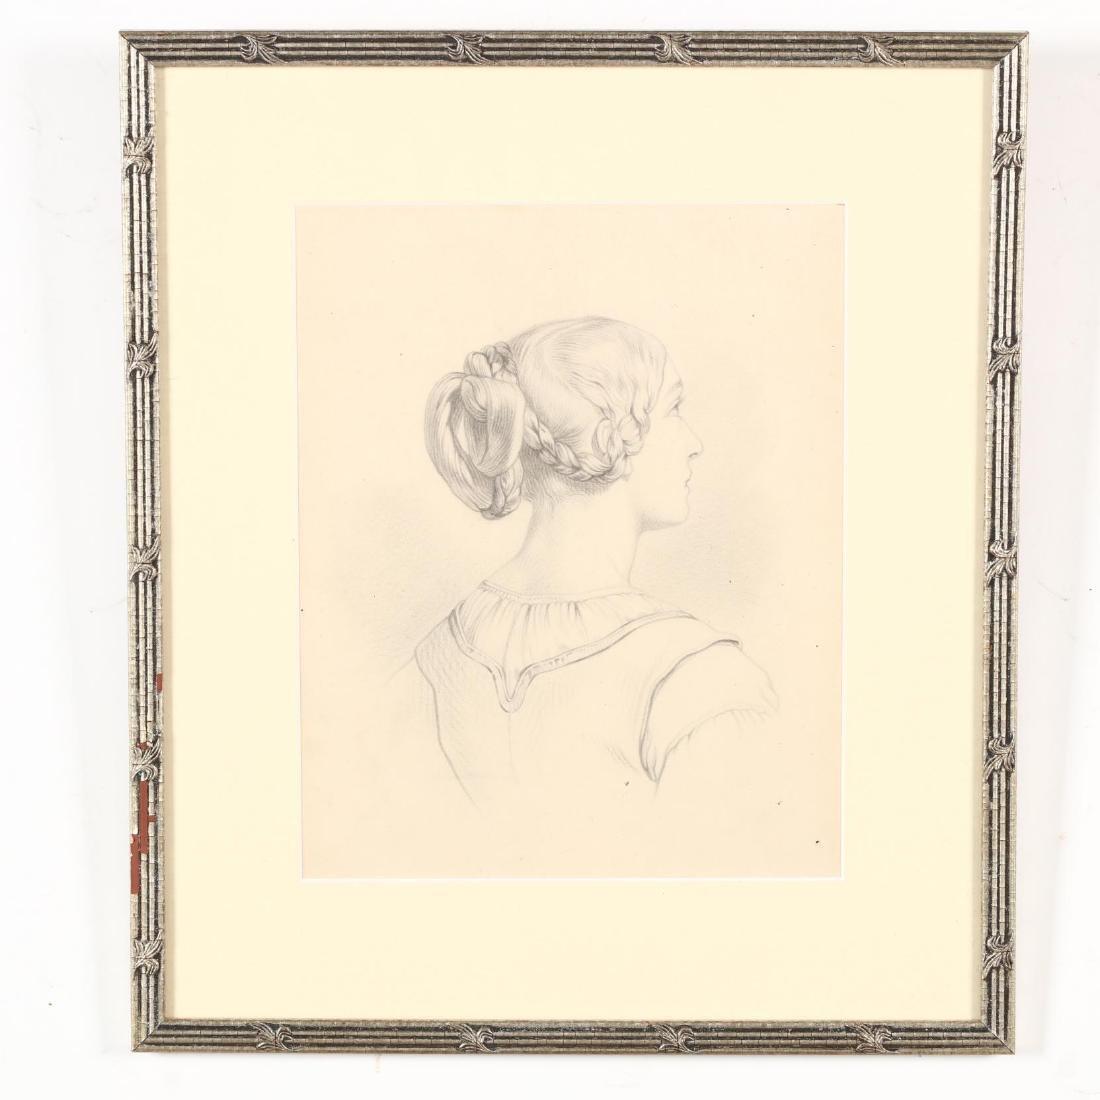 Peter Calvi, Jr. (NY, 1860-1926), Five Sketches of - 5